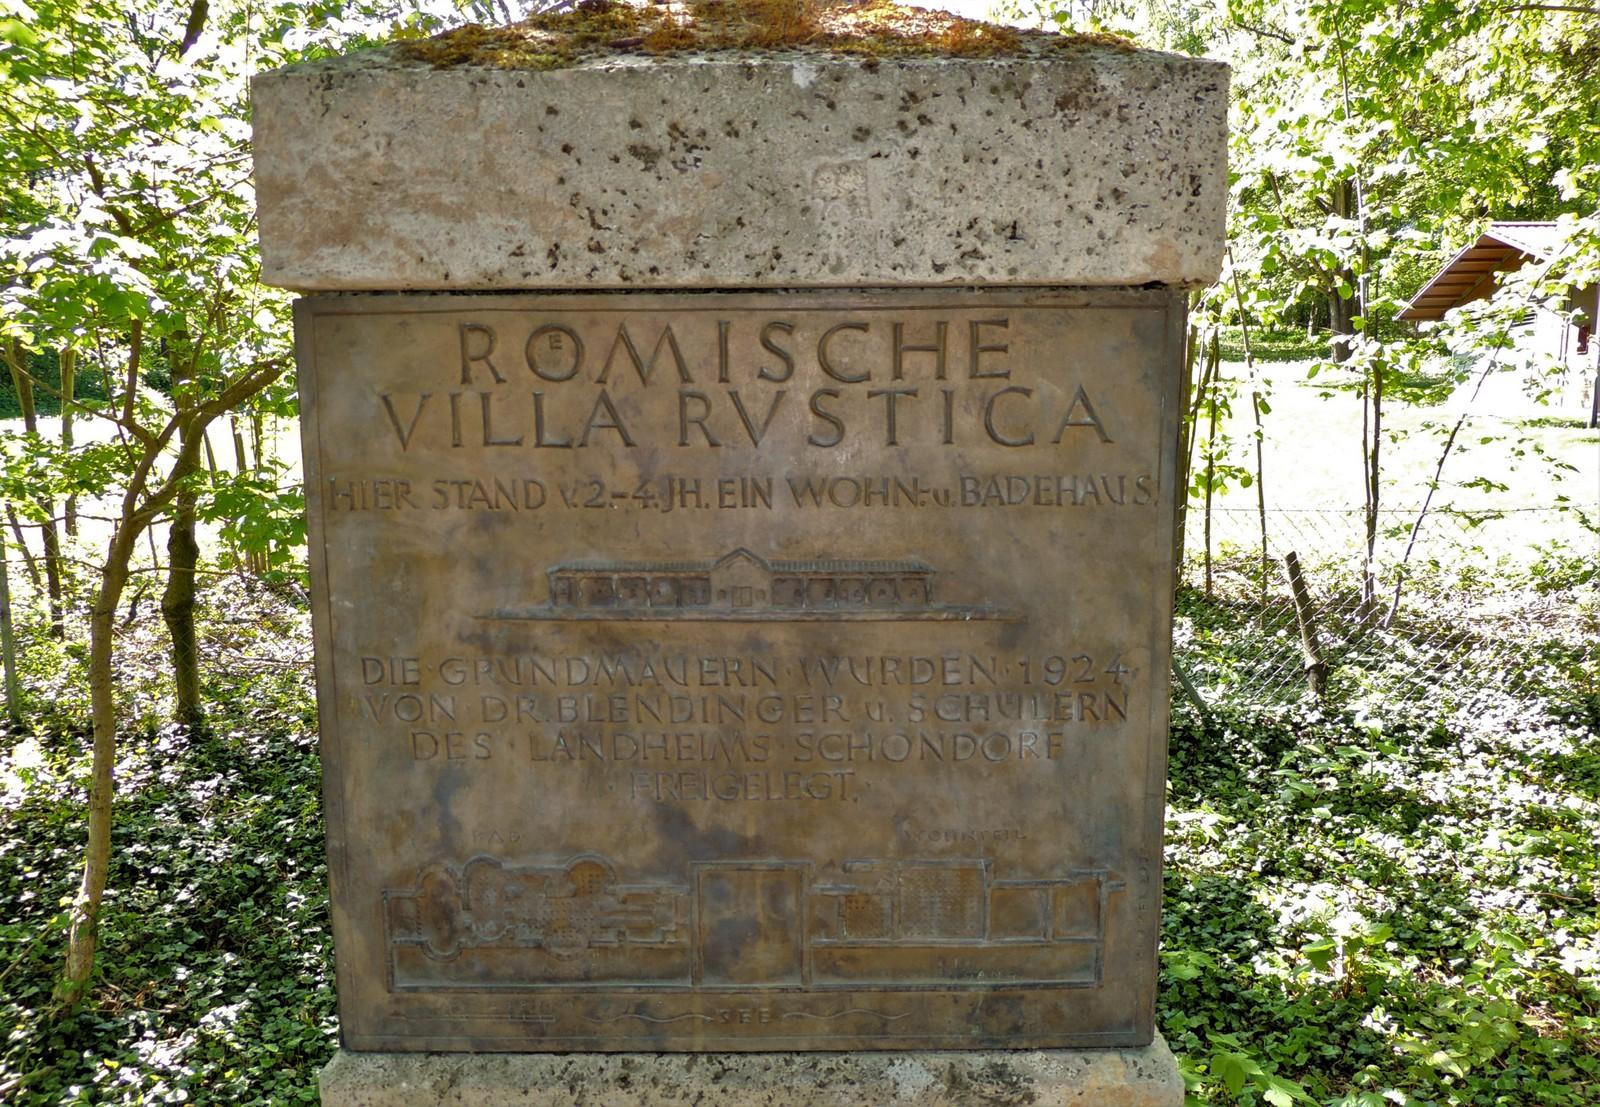 Fundort der Villa Rustica in Schondorf am Ammersee